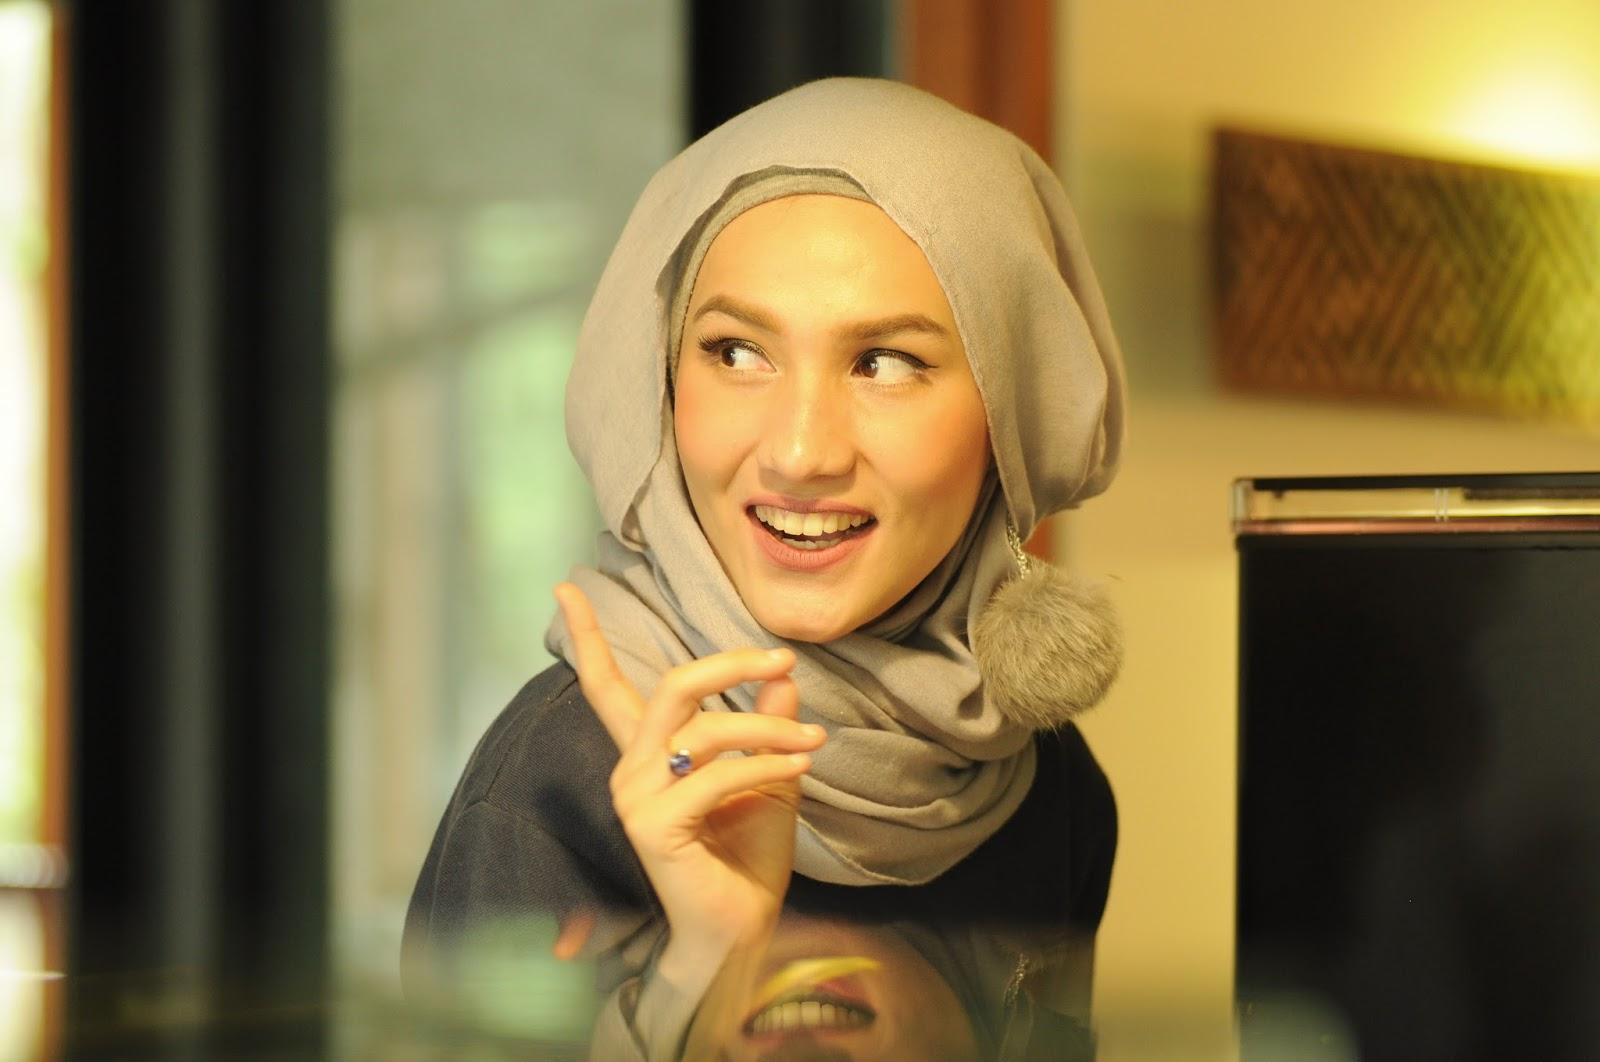 Dwi Handayani Syah Putri | dwihandaanda.blogspot.com